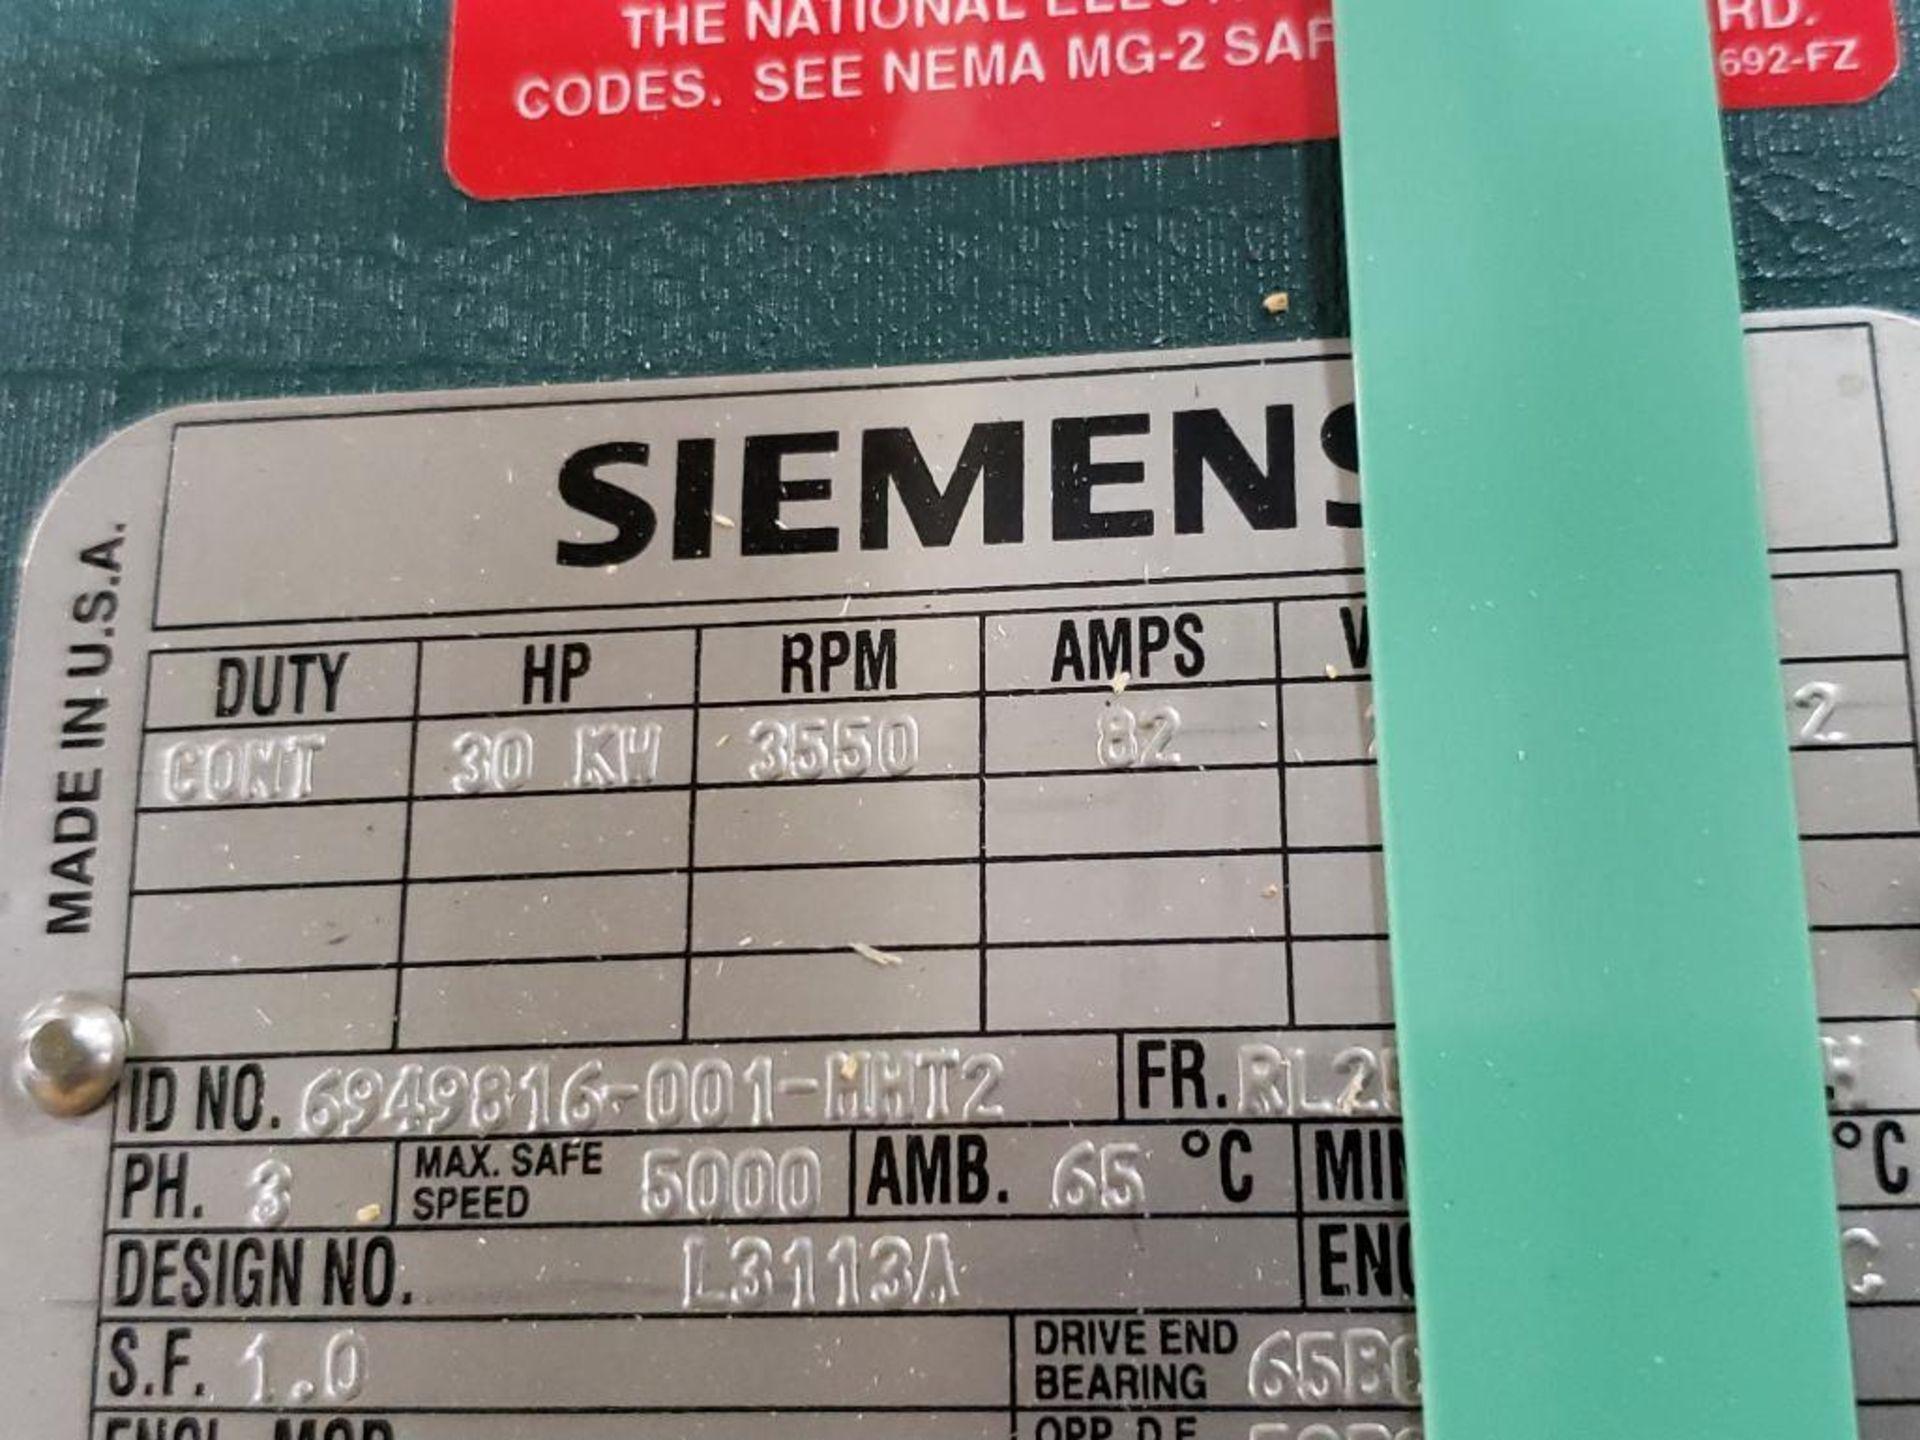 30kW Siemens 3PH Motor. 6949816-001-MHT2. 280V, 3550RM, RL2570Z-Frame. - Image 3 of 7